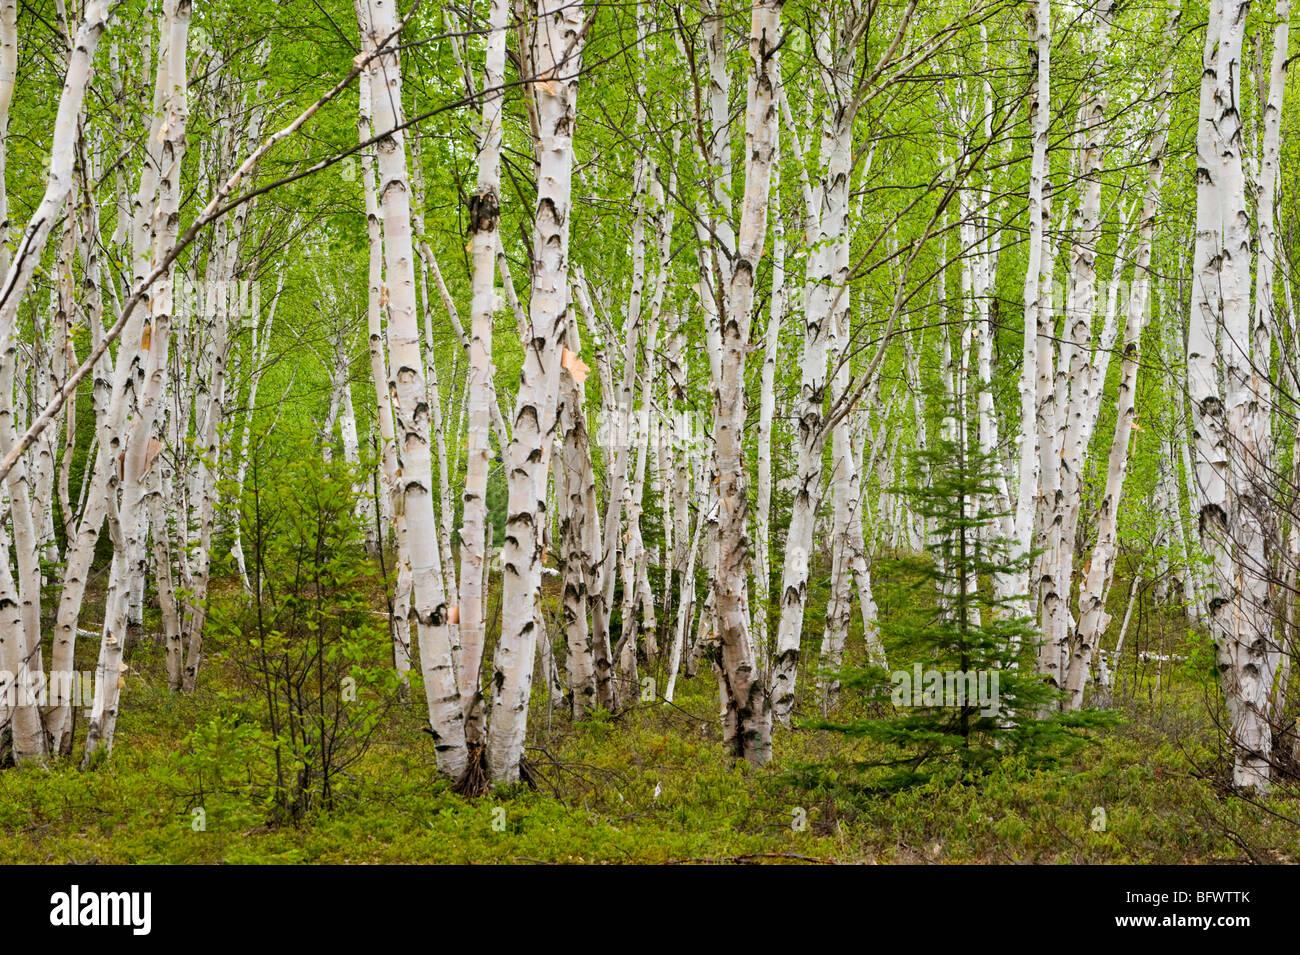 White birch (Betula papyrifera) grove with spring foliage, Greater Sudbury, Ontario, Canada - Stock Image